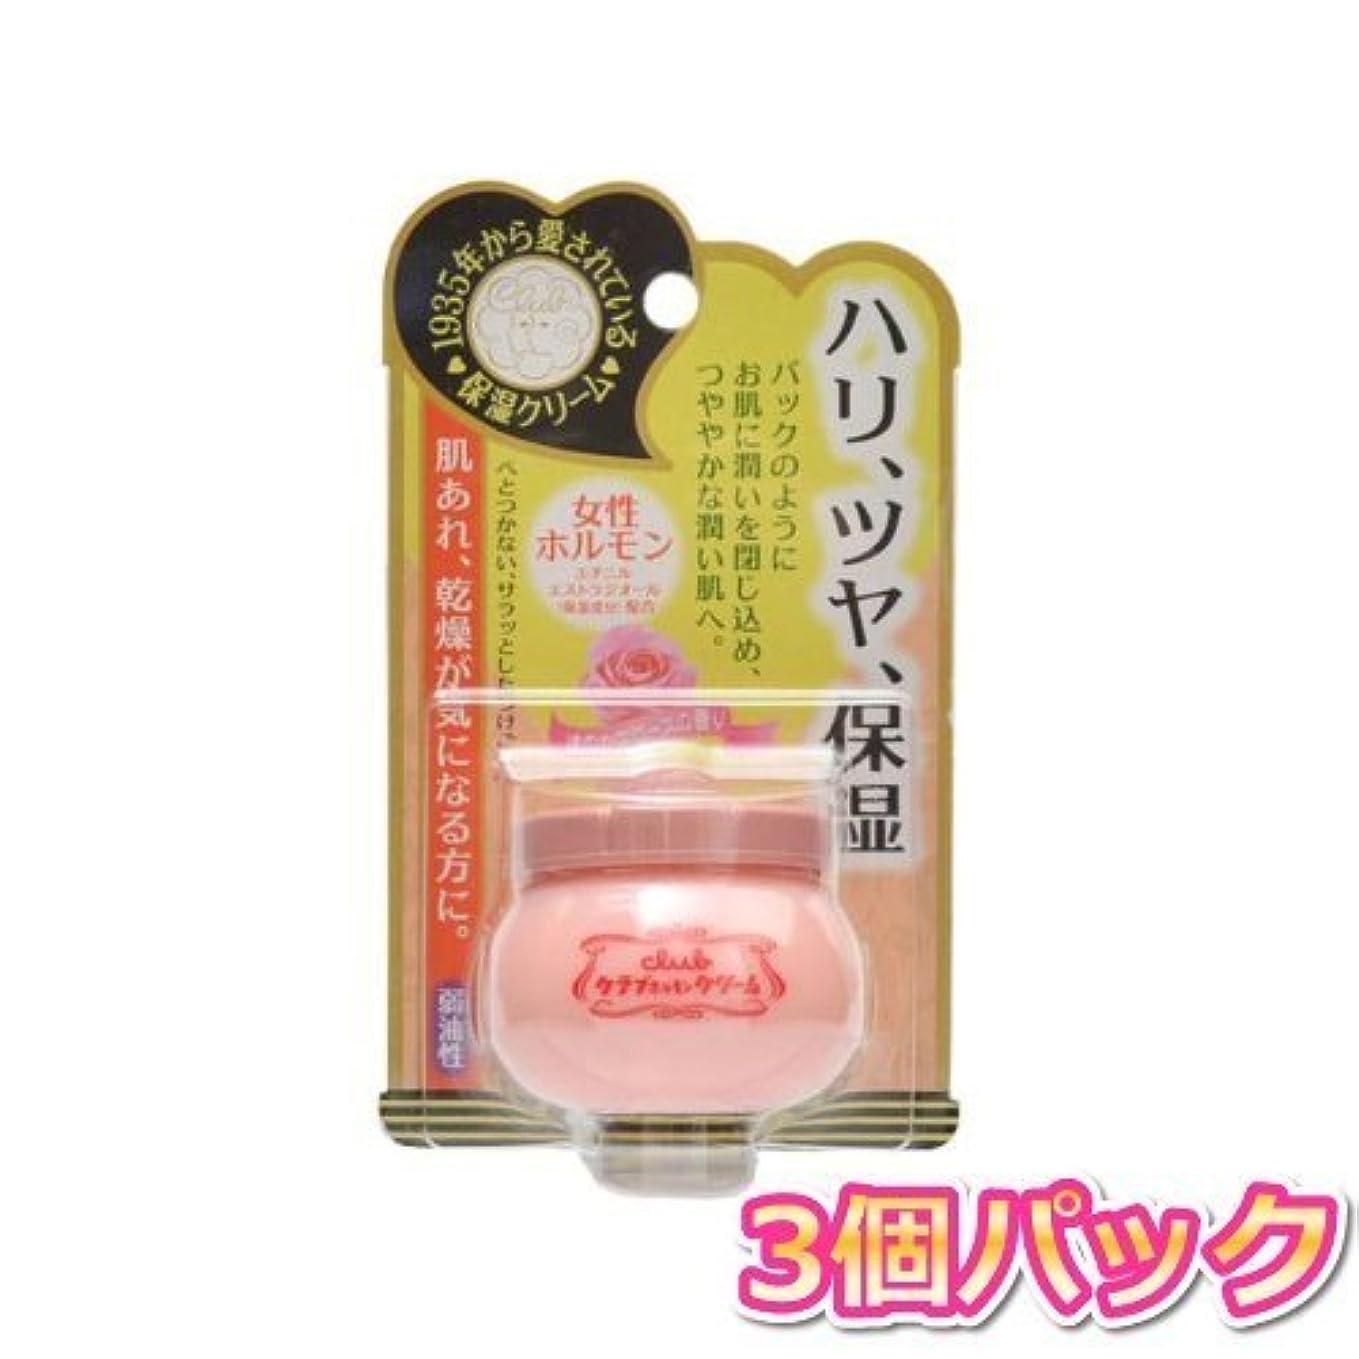 模索シチリアツインクラブ ホルモンクリーム (微香性) 60g ローズの香り 3個パック